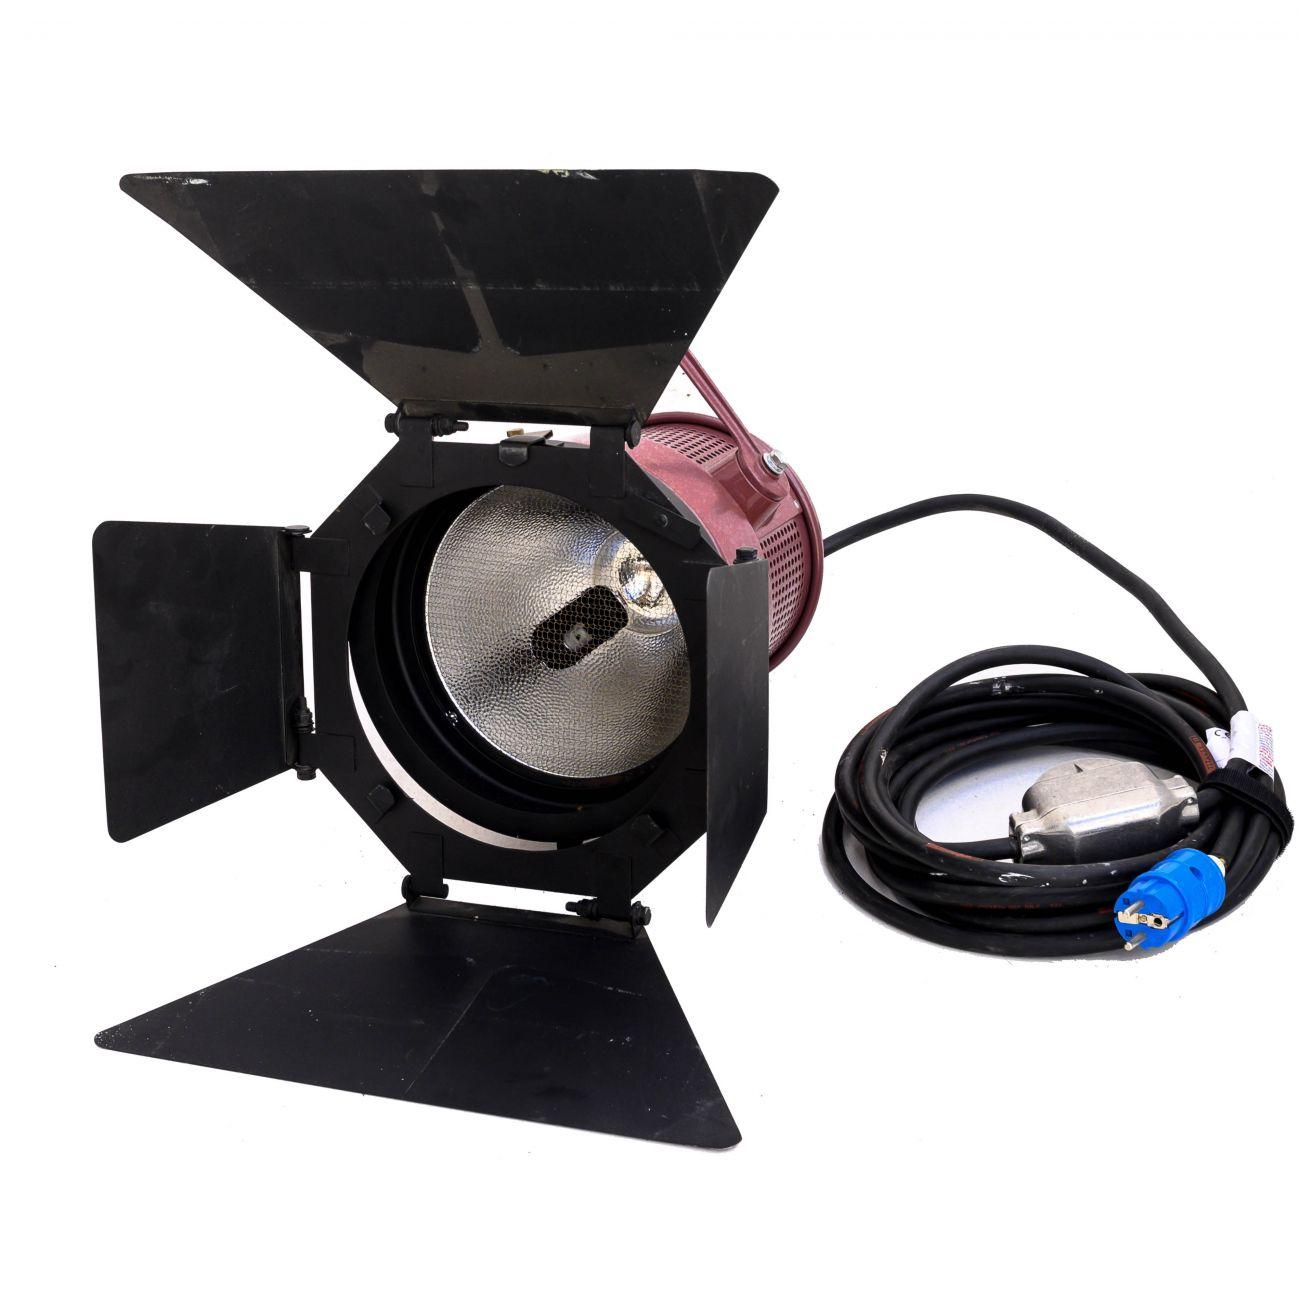 Mole-Richardson Mighty-Mole 2000 Watt Focusing Flood Light